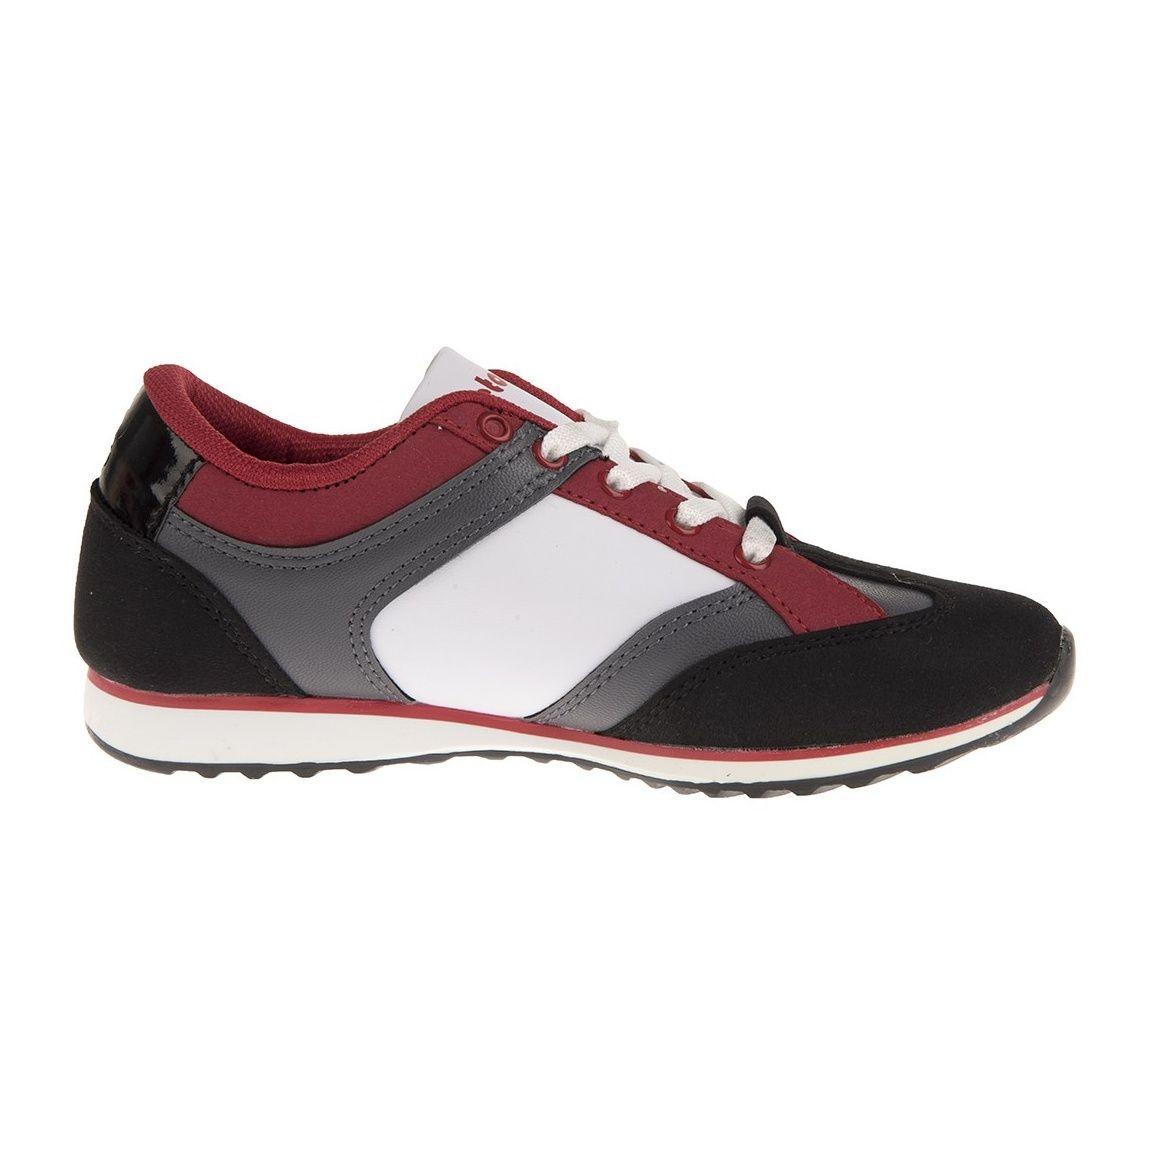 کفش راحتی بچه گانه لتون مدل Karulo main 1 2